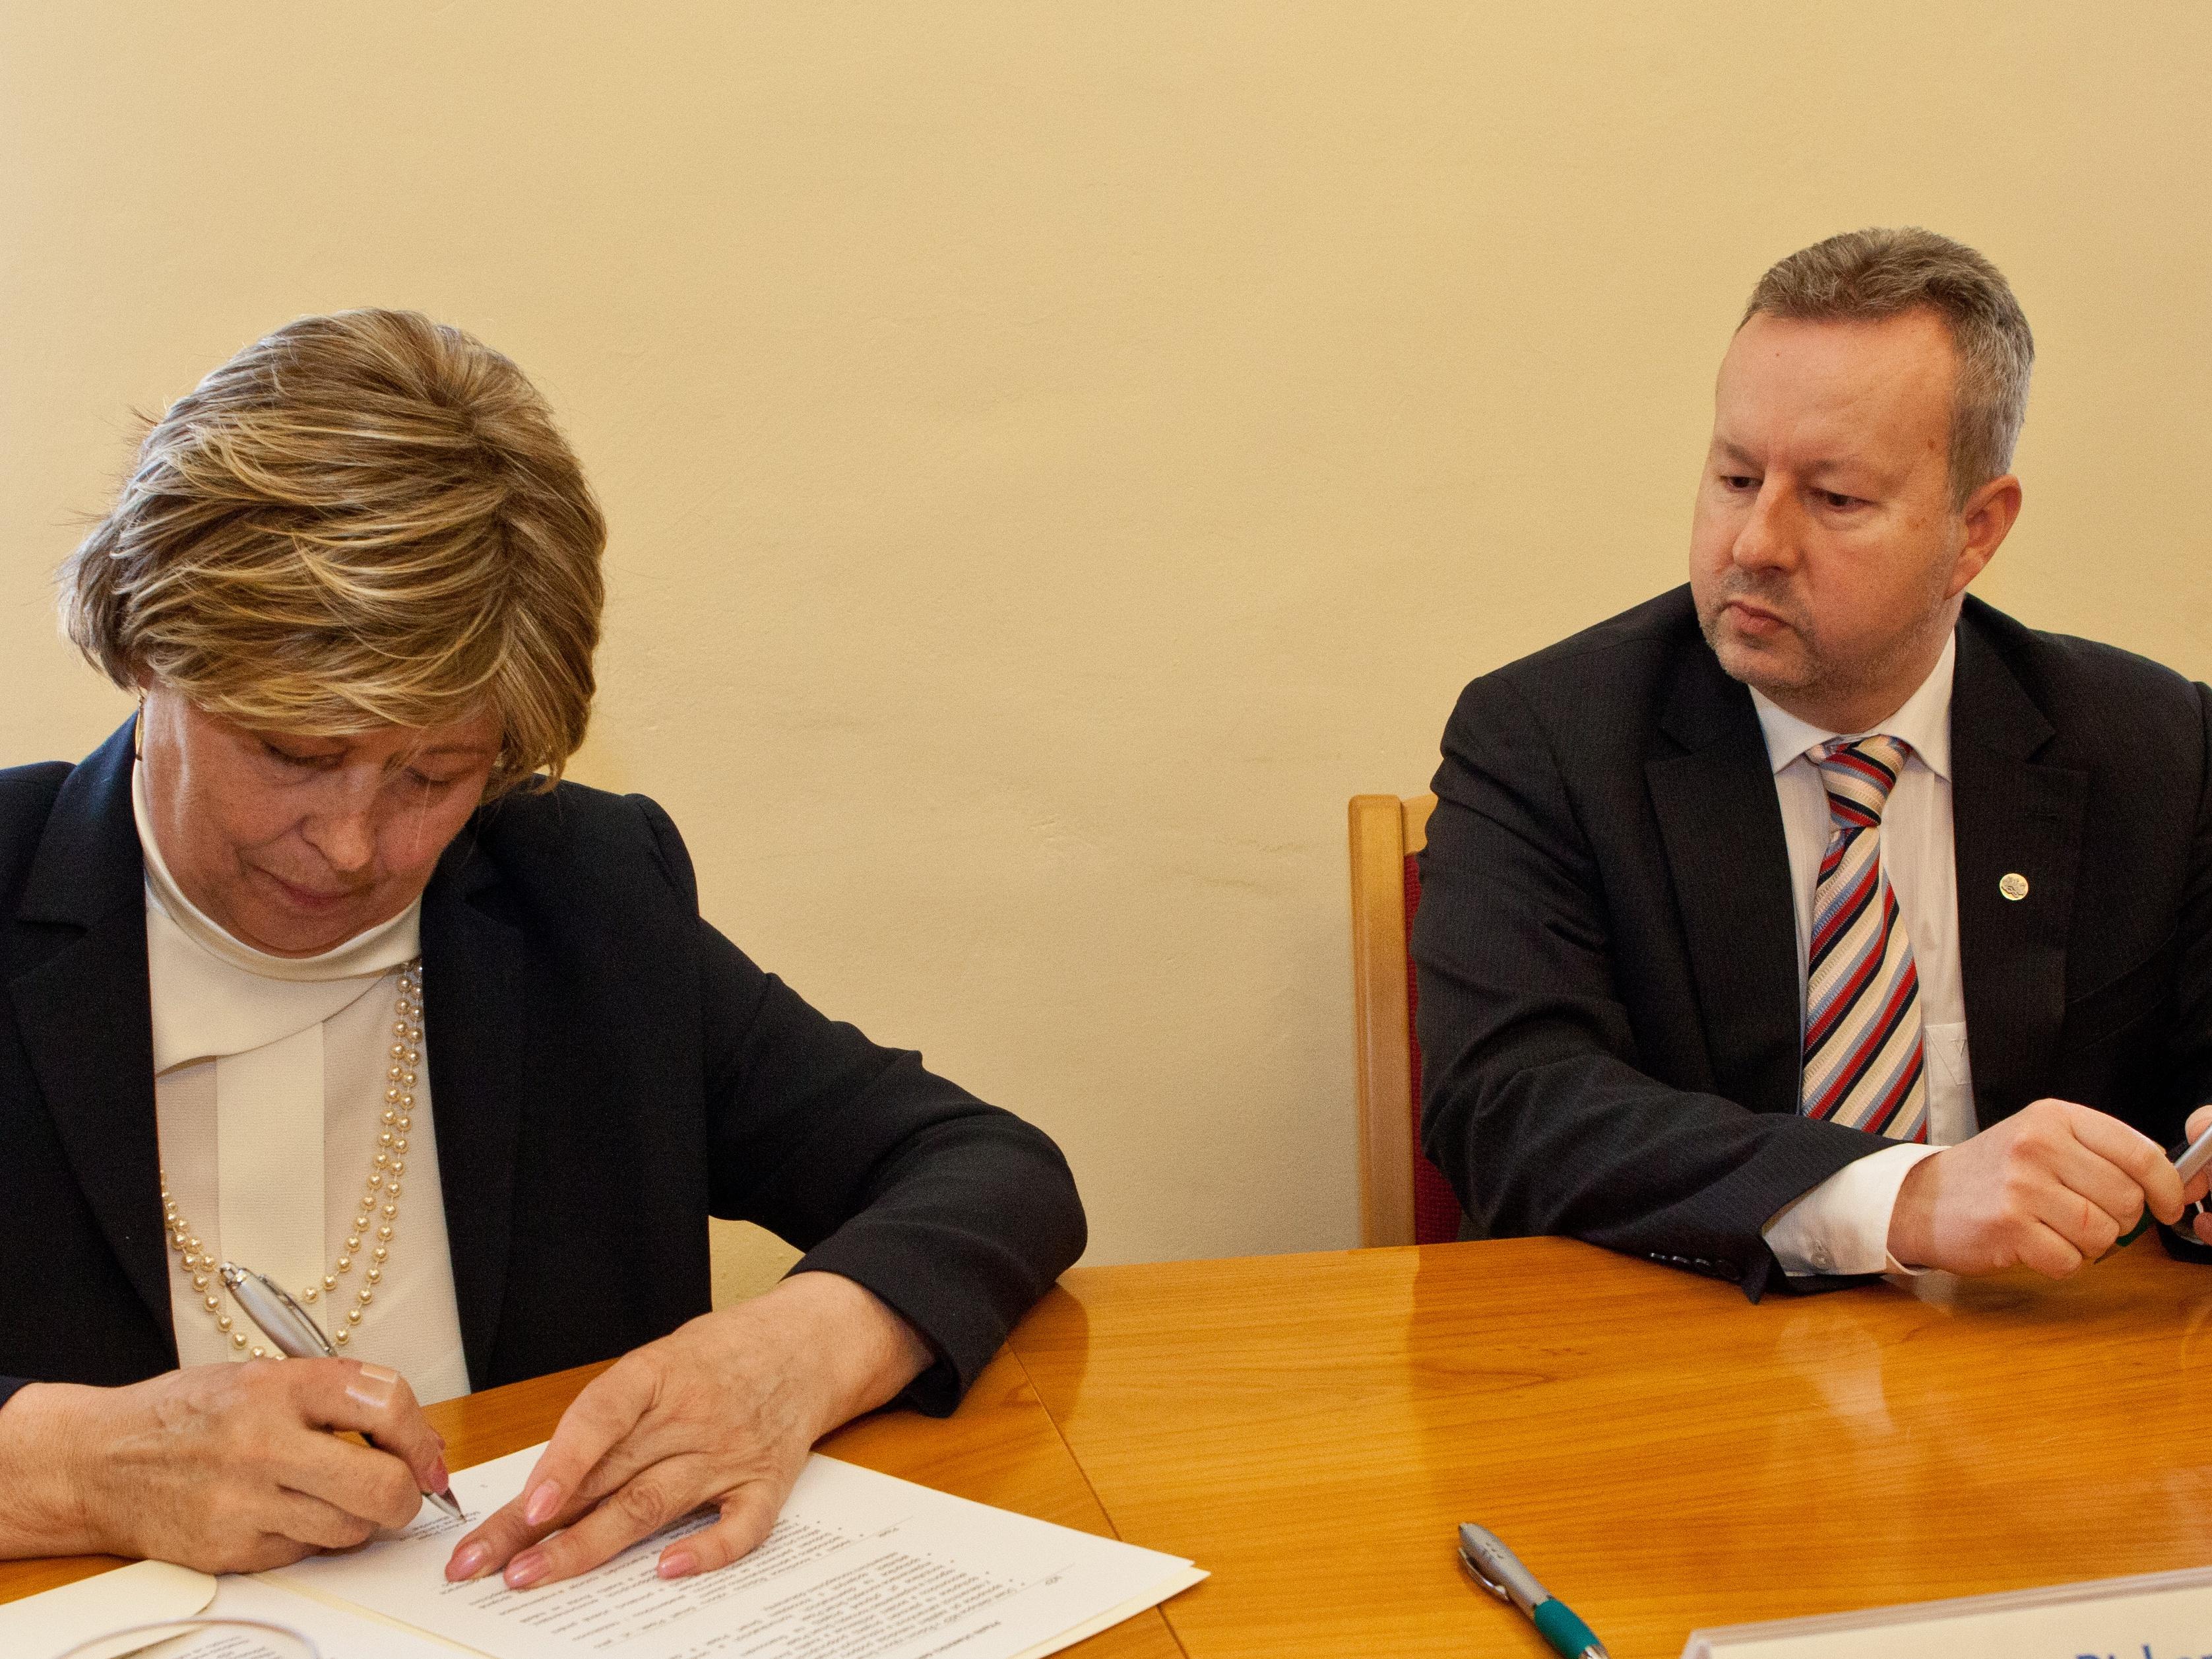 Ministerstvo životního prostředí podepsalo s městem Písek společnou deklaraci o spolupráci v rámci konceptu chytrého města